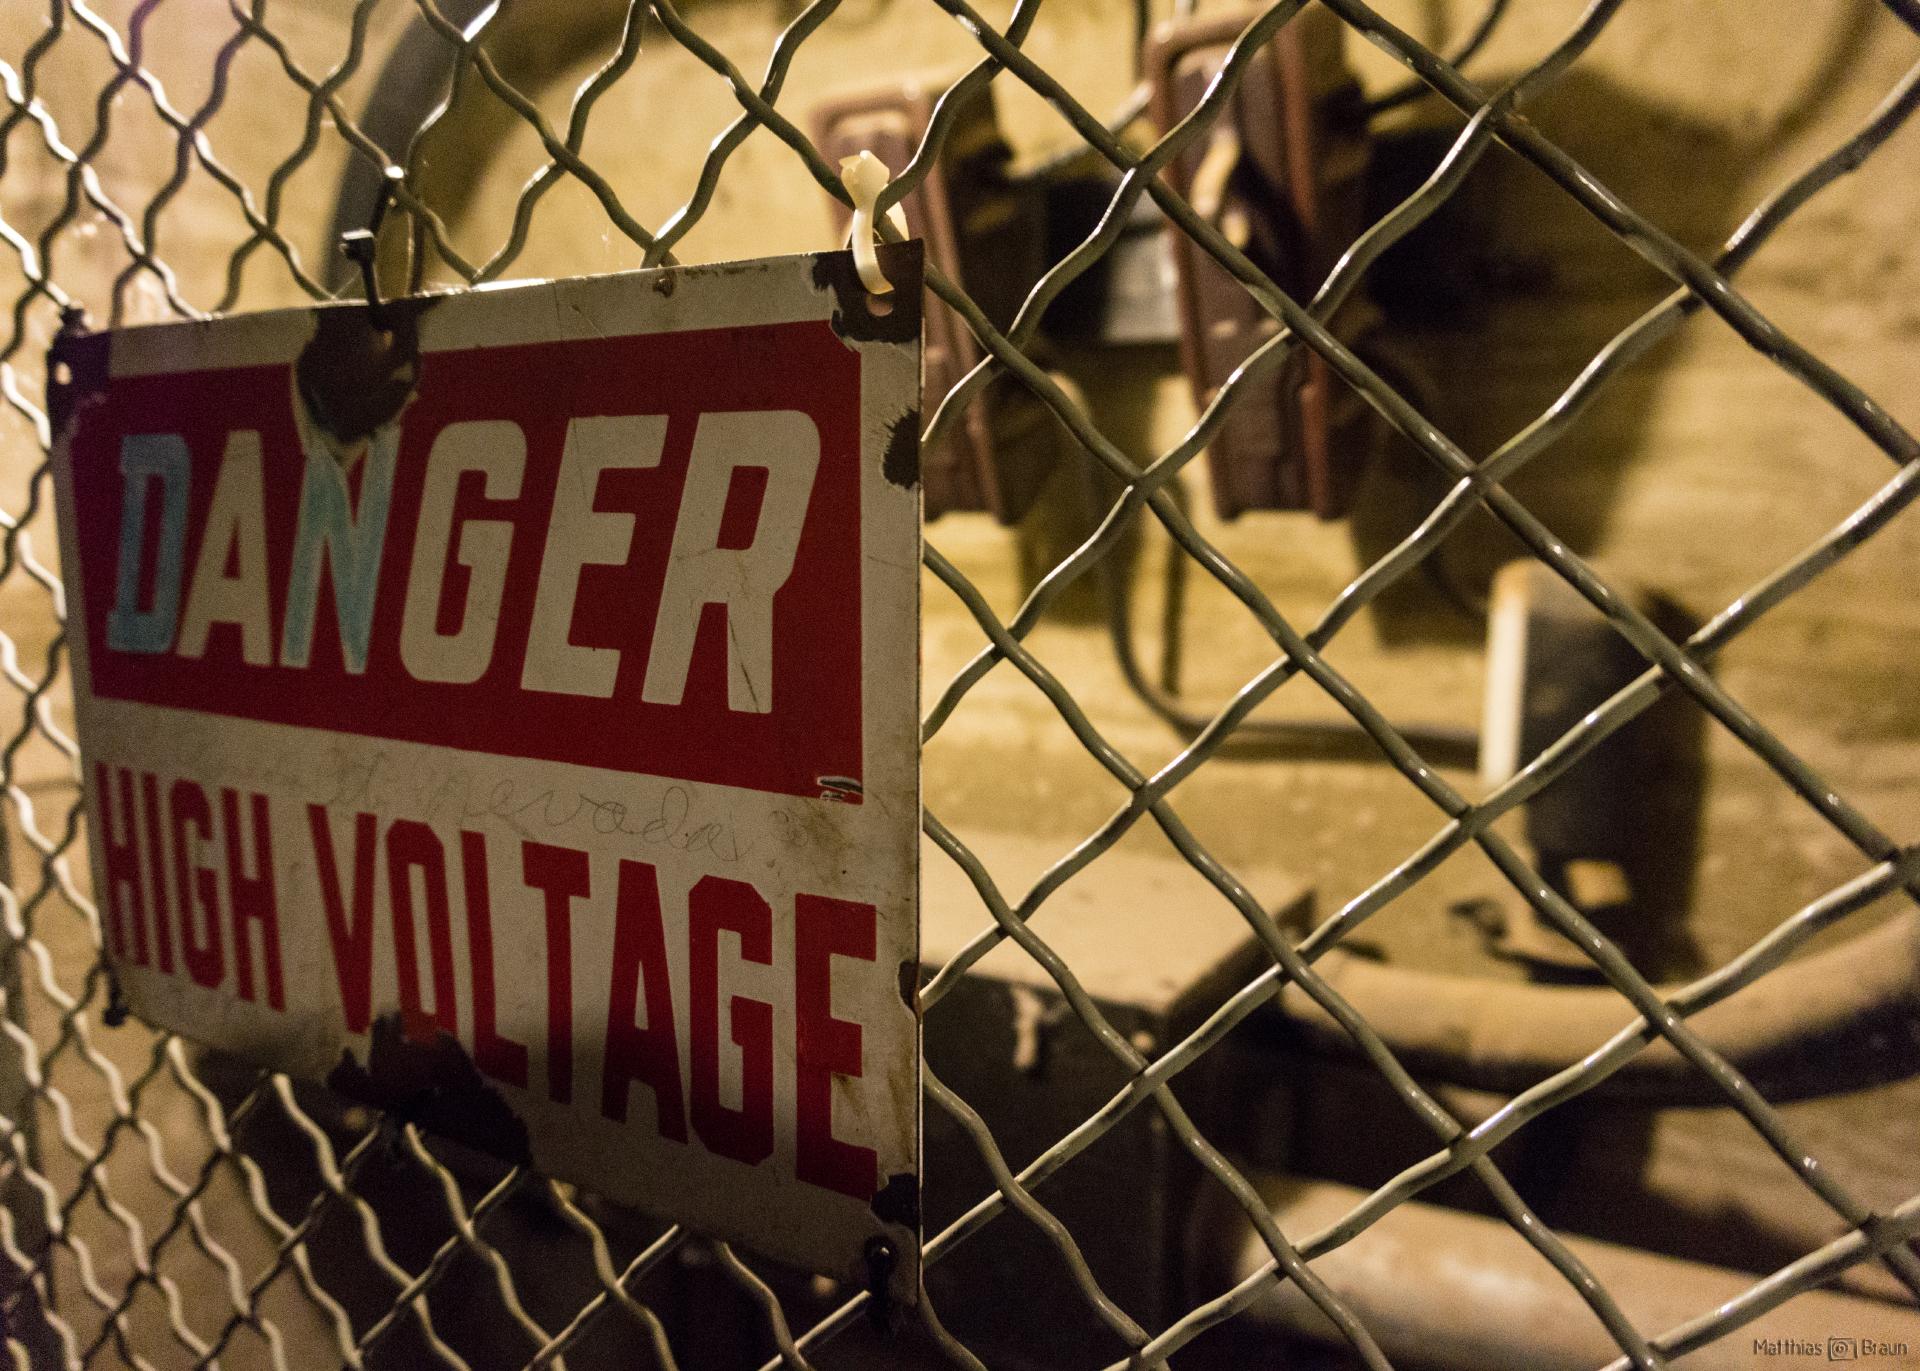 danger sign matthias-foto.de